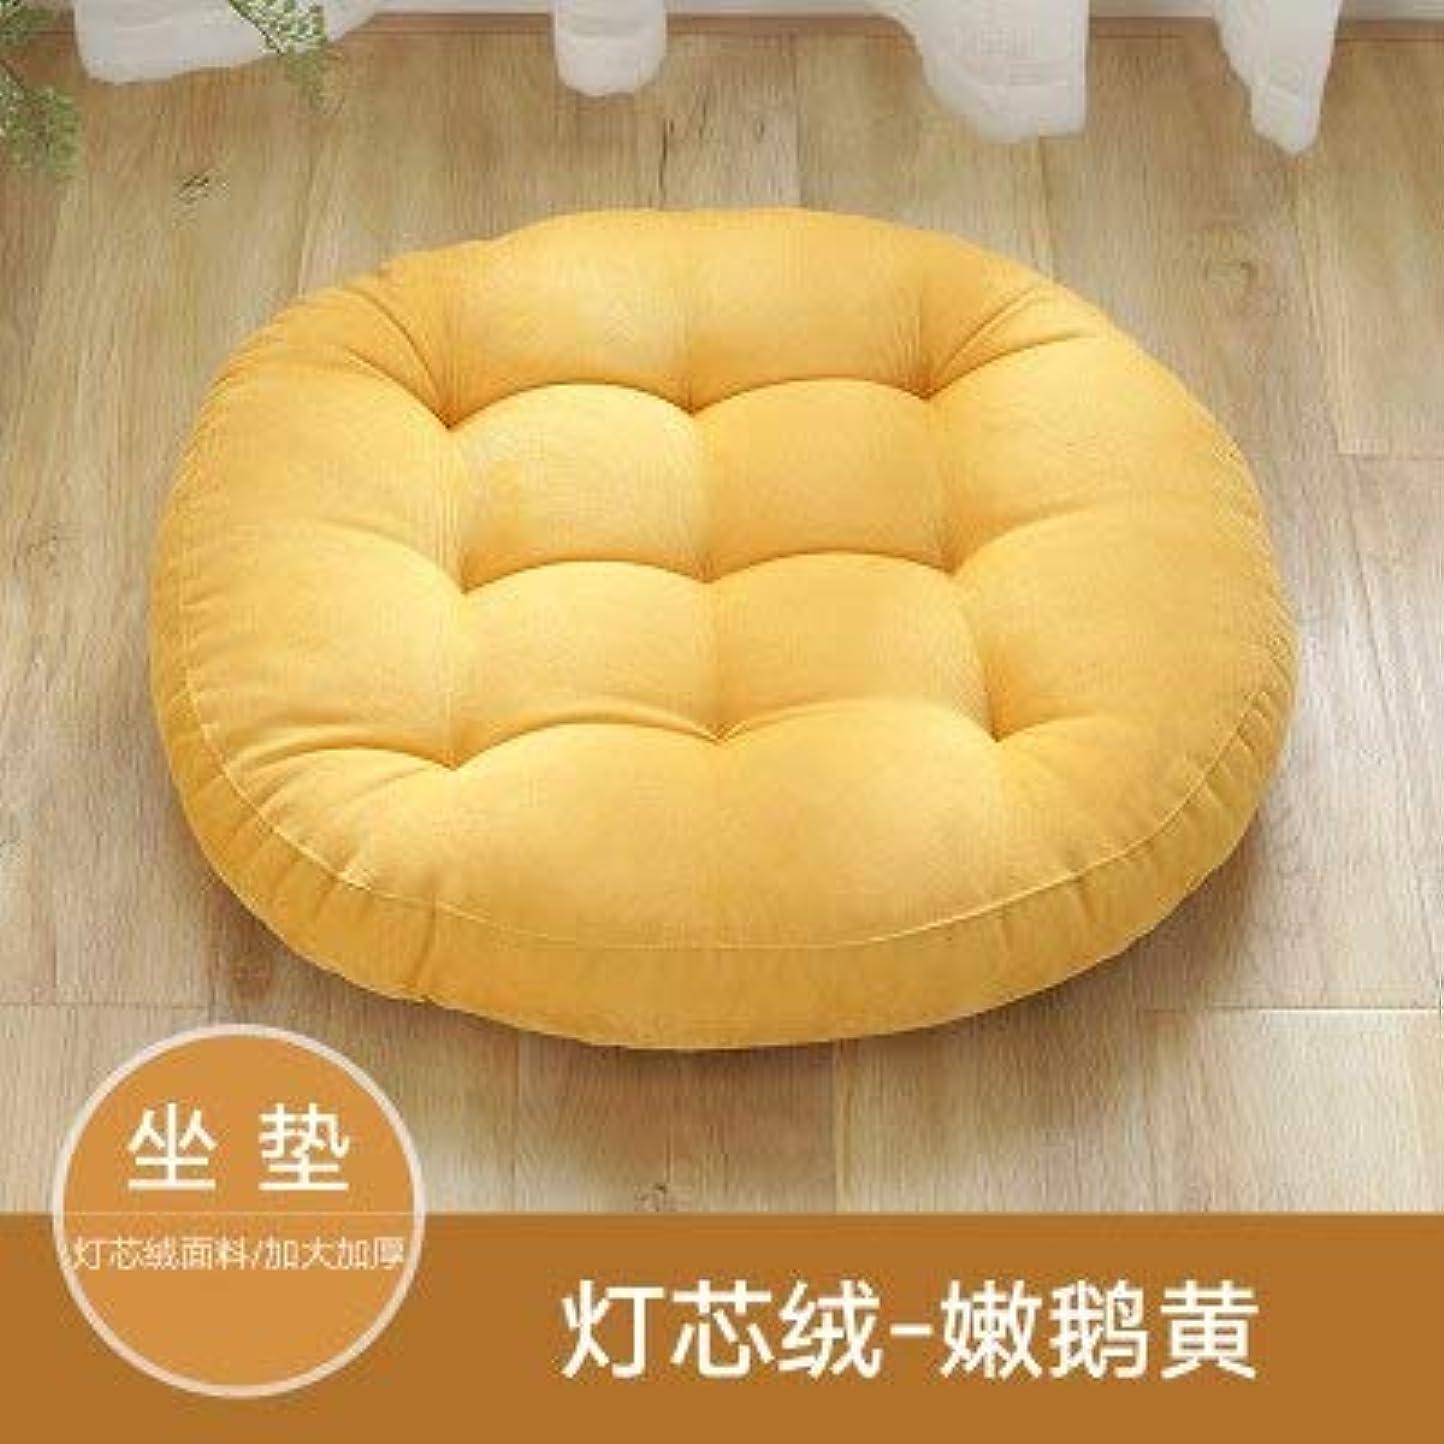 第二に下手スピーチLIFE ラウンド厚い椅子のクッションフロアマットレスシートパッドソフトホームオフィスチェアクッションマットソフトスロー枕最高品質の床クッション クッション 椅子